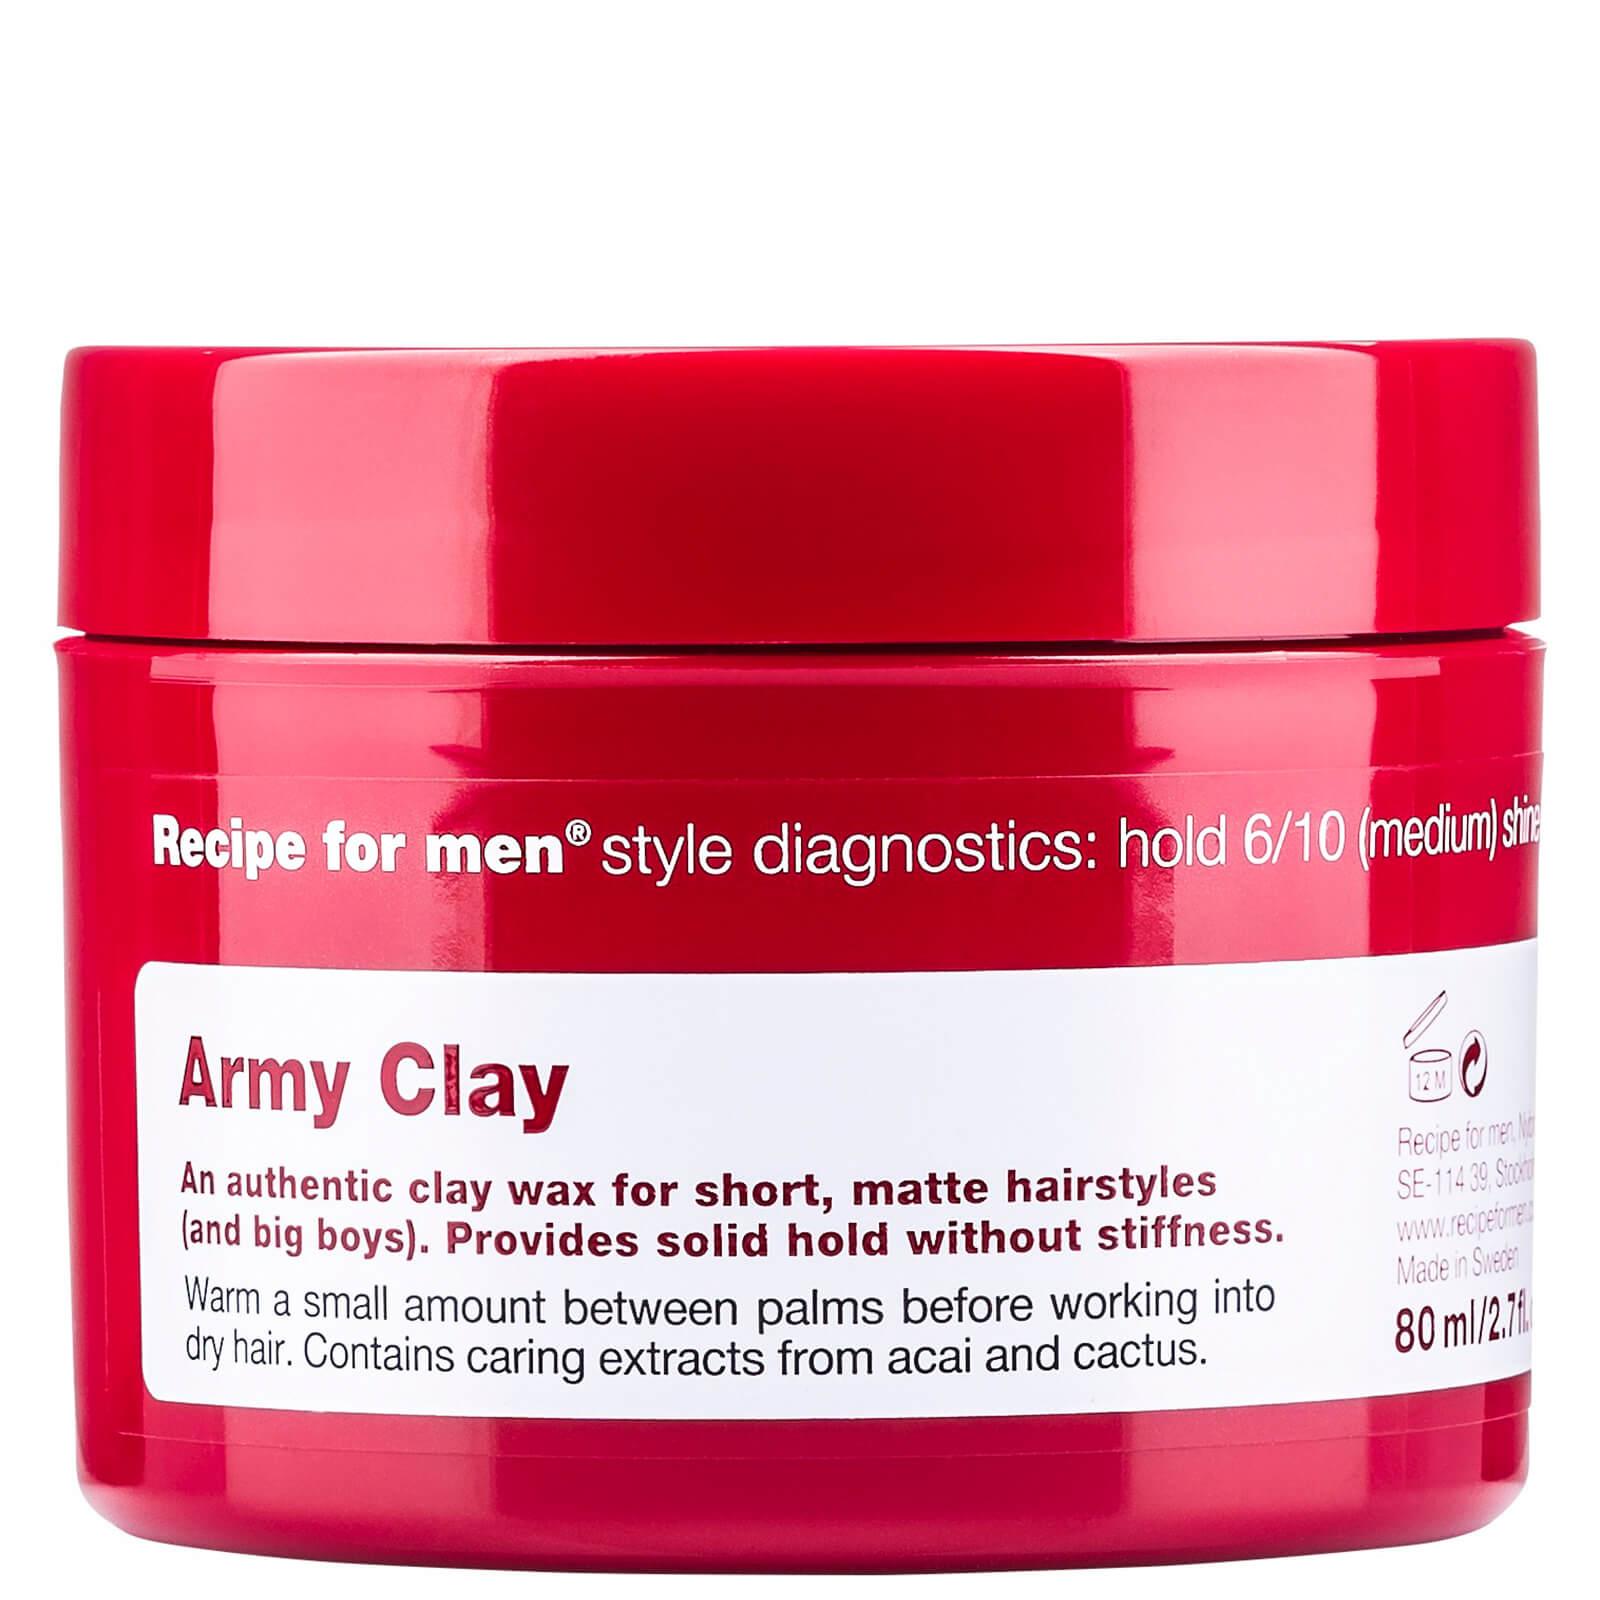 Recipe For Men Cire Army Clay Recipe for Men 80ml